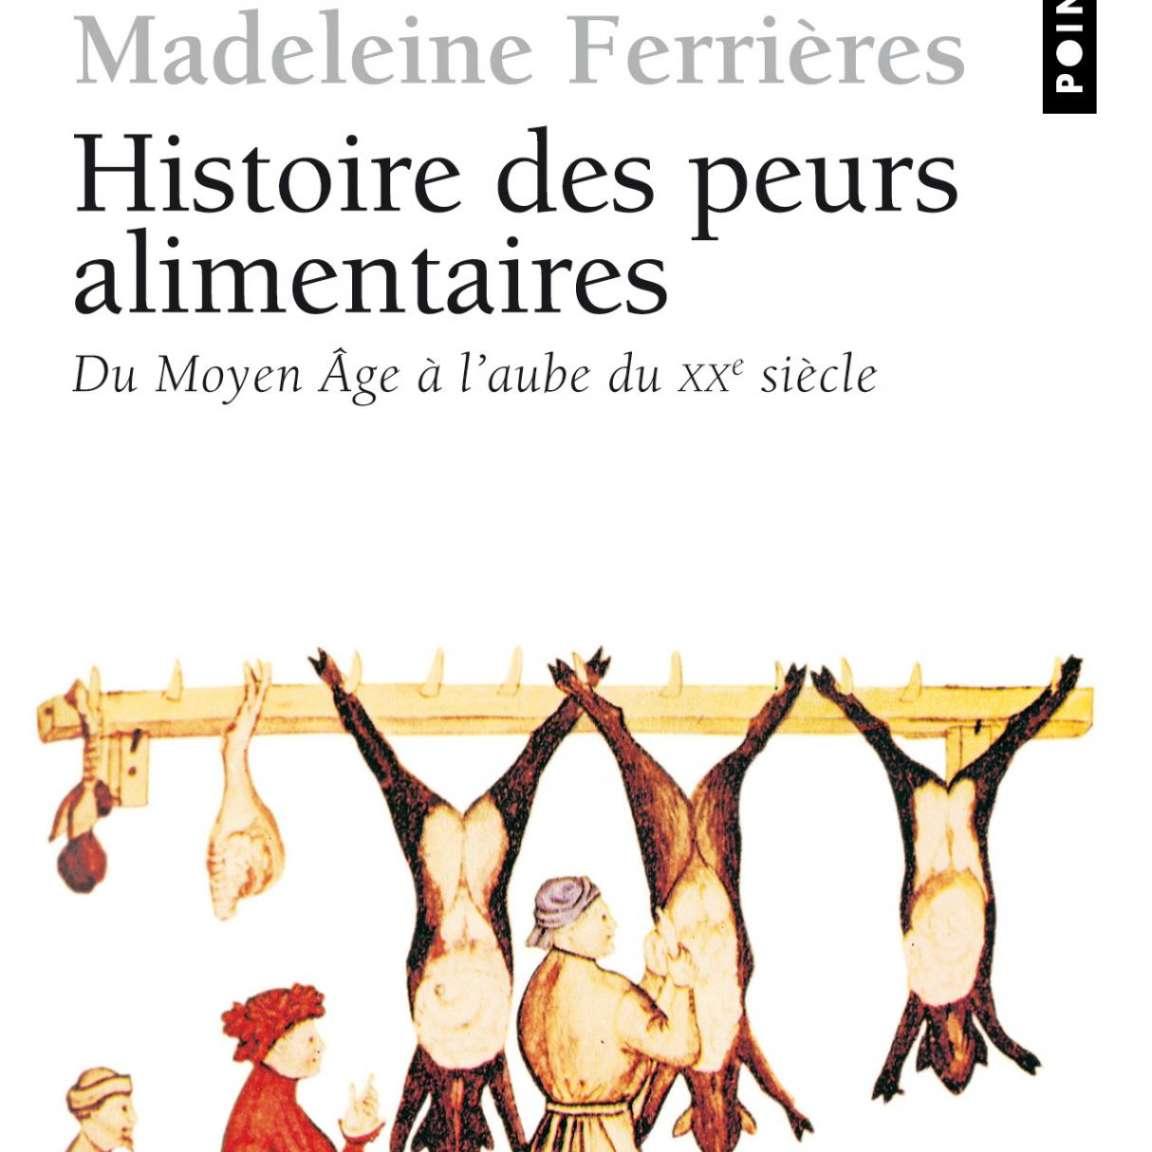 Histoire des peurs alimentaires - du moyen-age à l'aube du xxè siècle